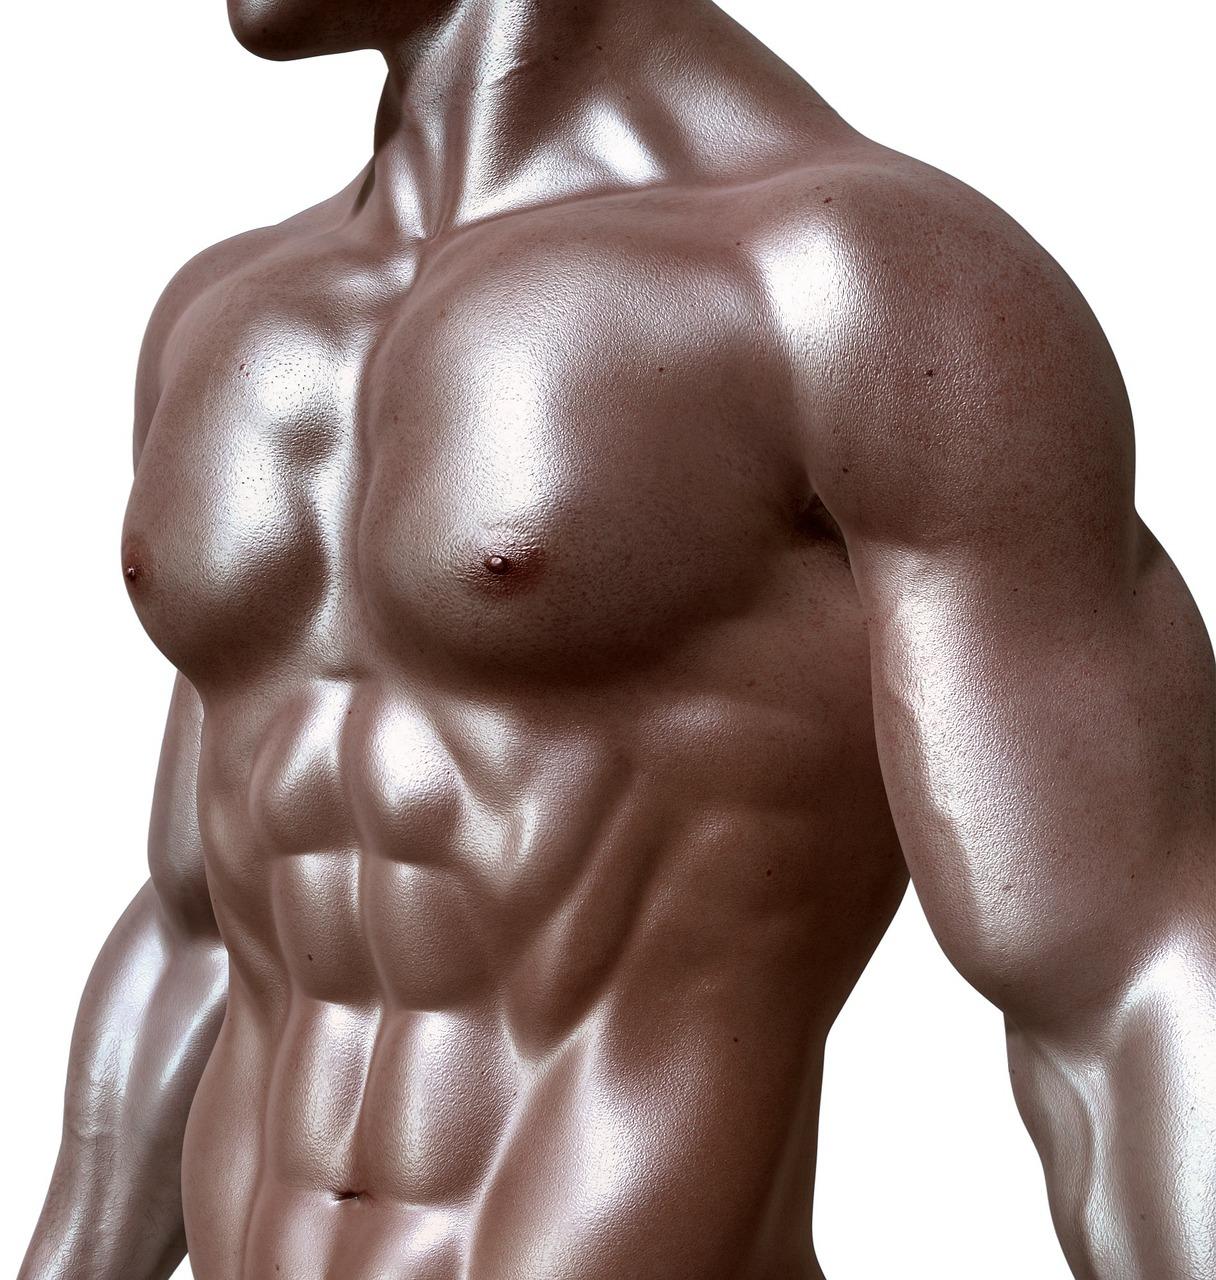 レッグアップリフトで腹筋を徹底的に鍛える!やり方と注意点にまとめ